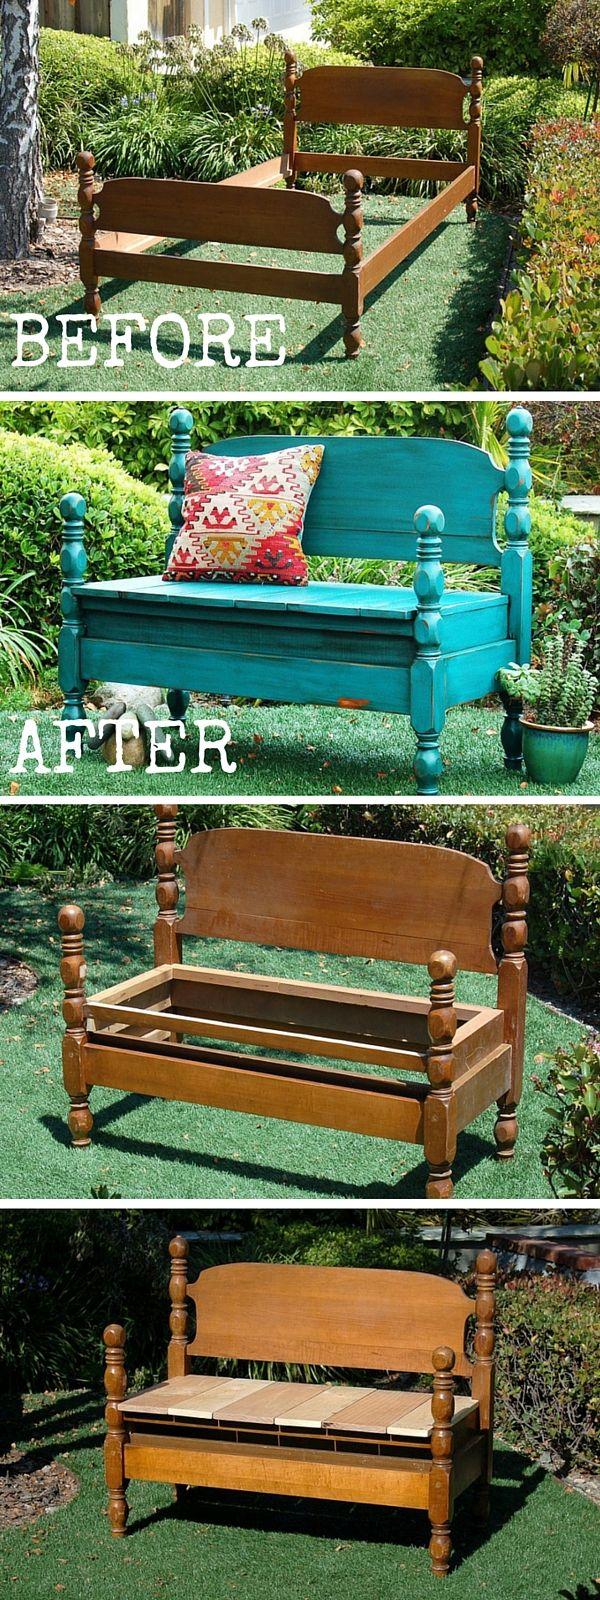 Que trabalho lindo! Tutorial: www.jillsabode.com